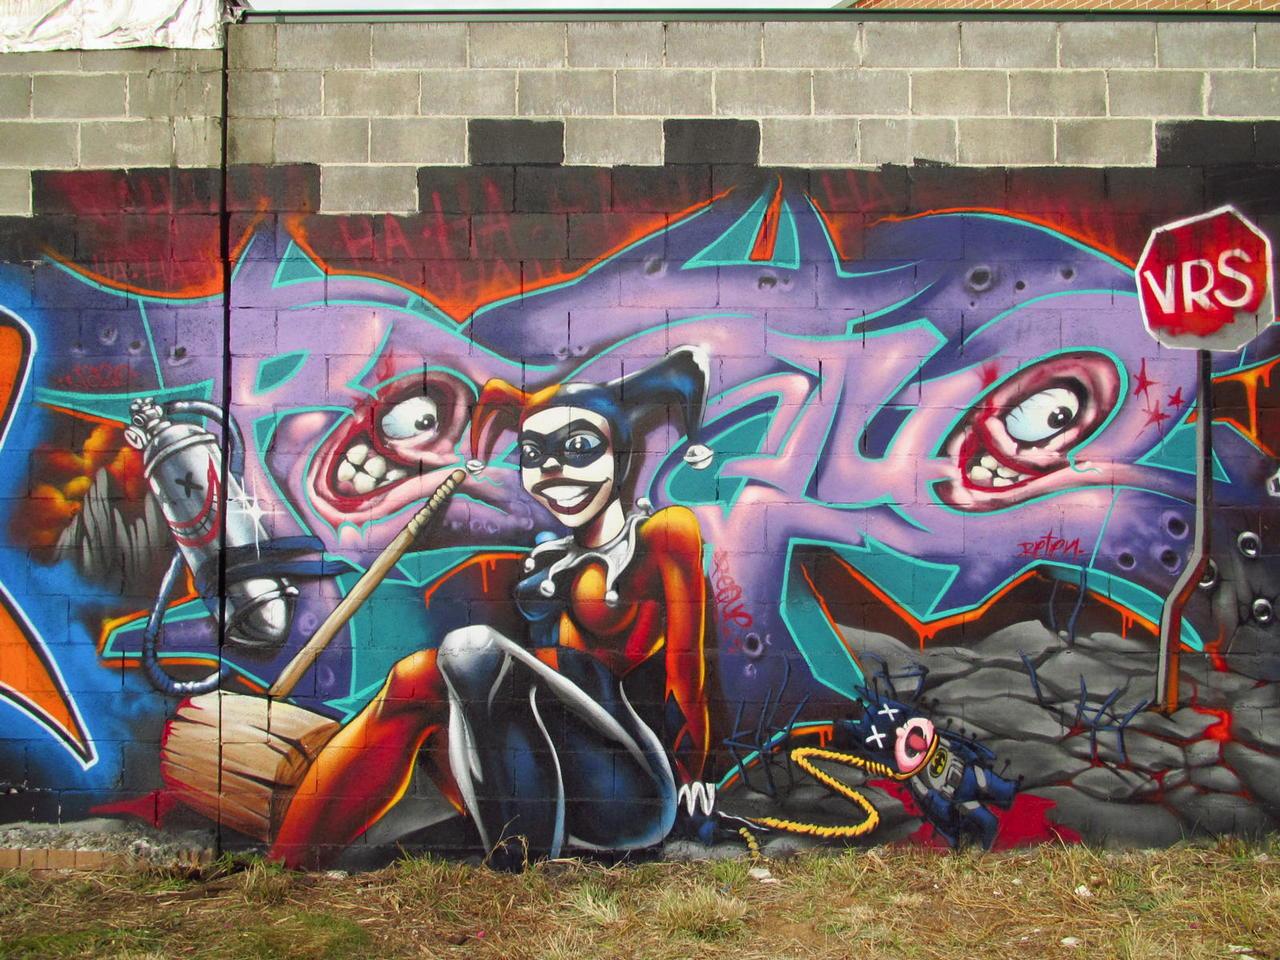 персонажи граффити рисунки хотелось бы, чтобы